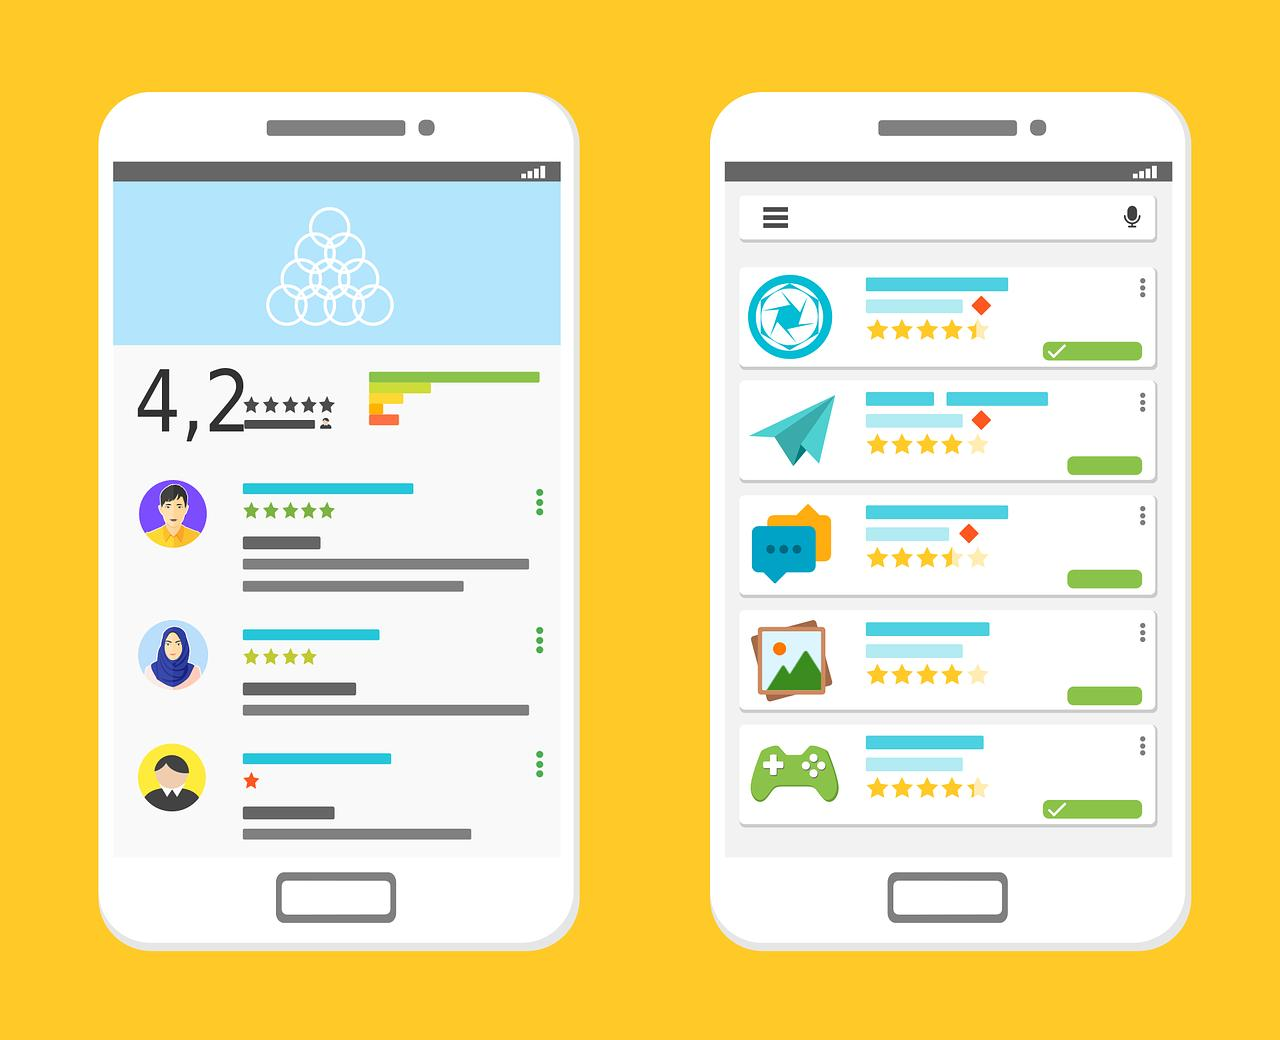 Google Play Store версии 18.6.33 уже доступен для загрузки. Что там нового?